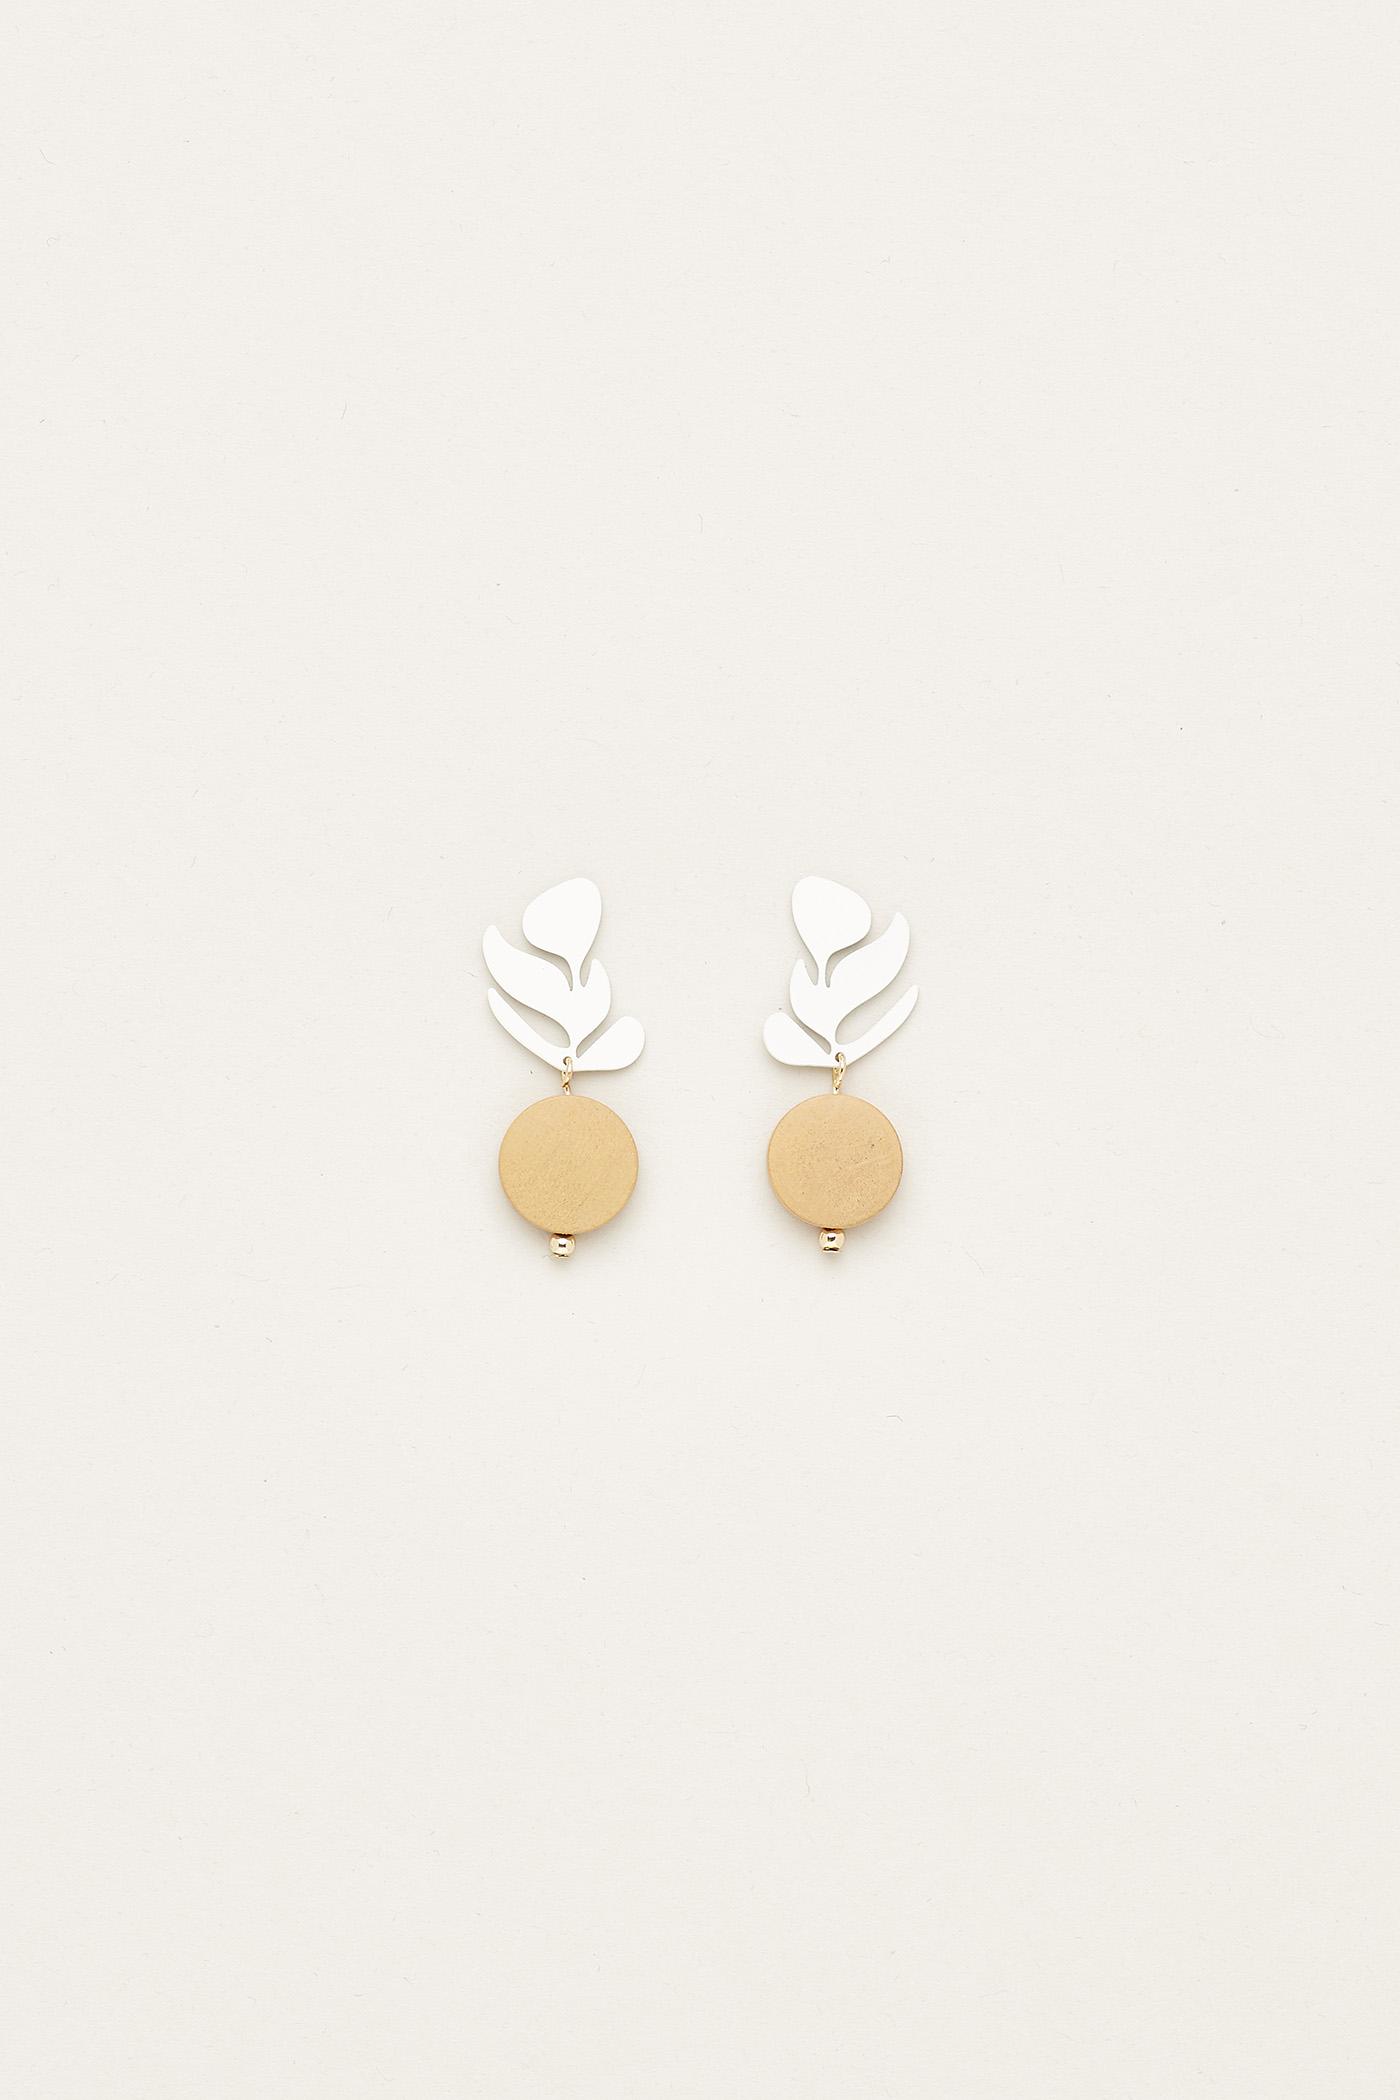 Hermione Wood Earrings